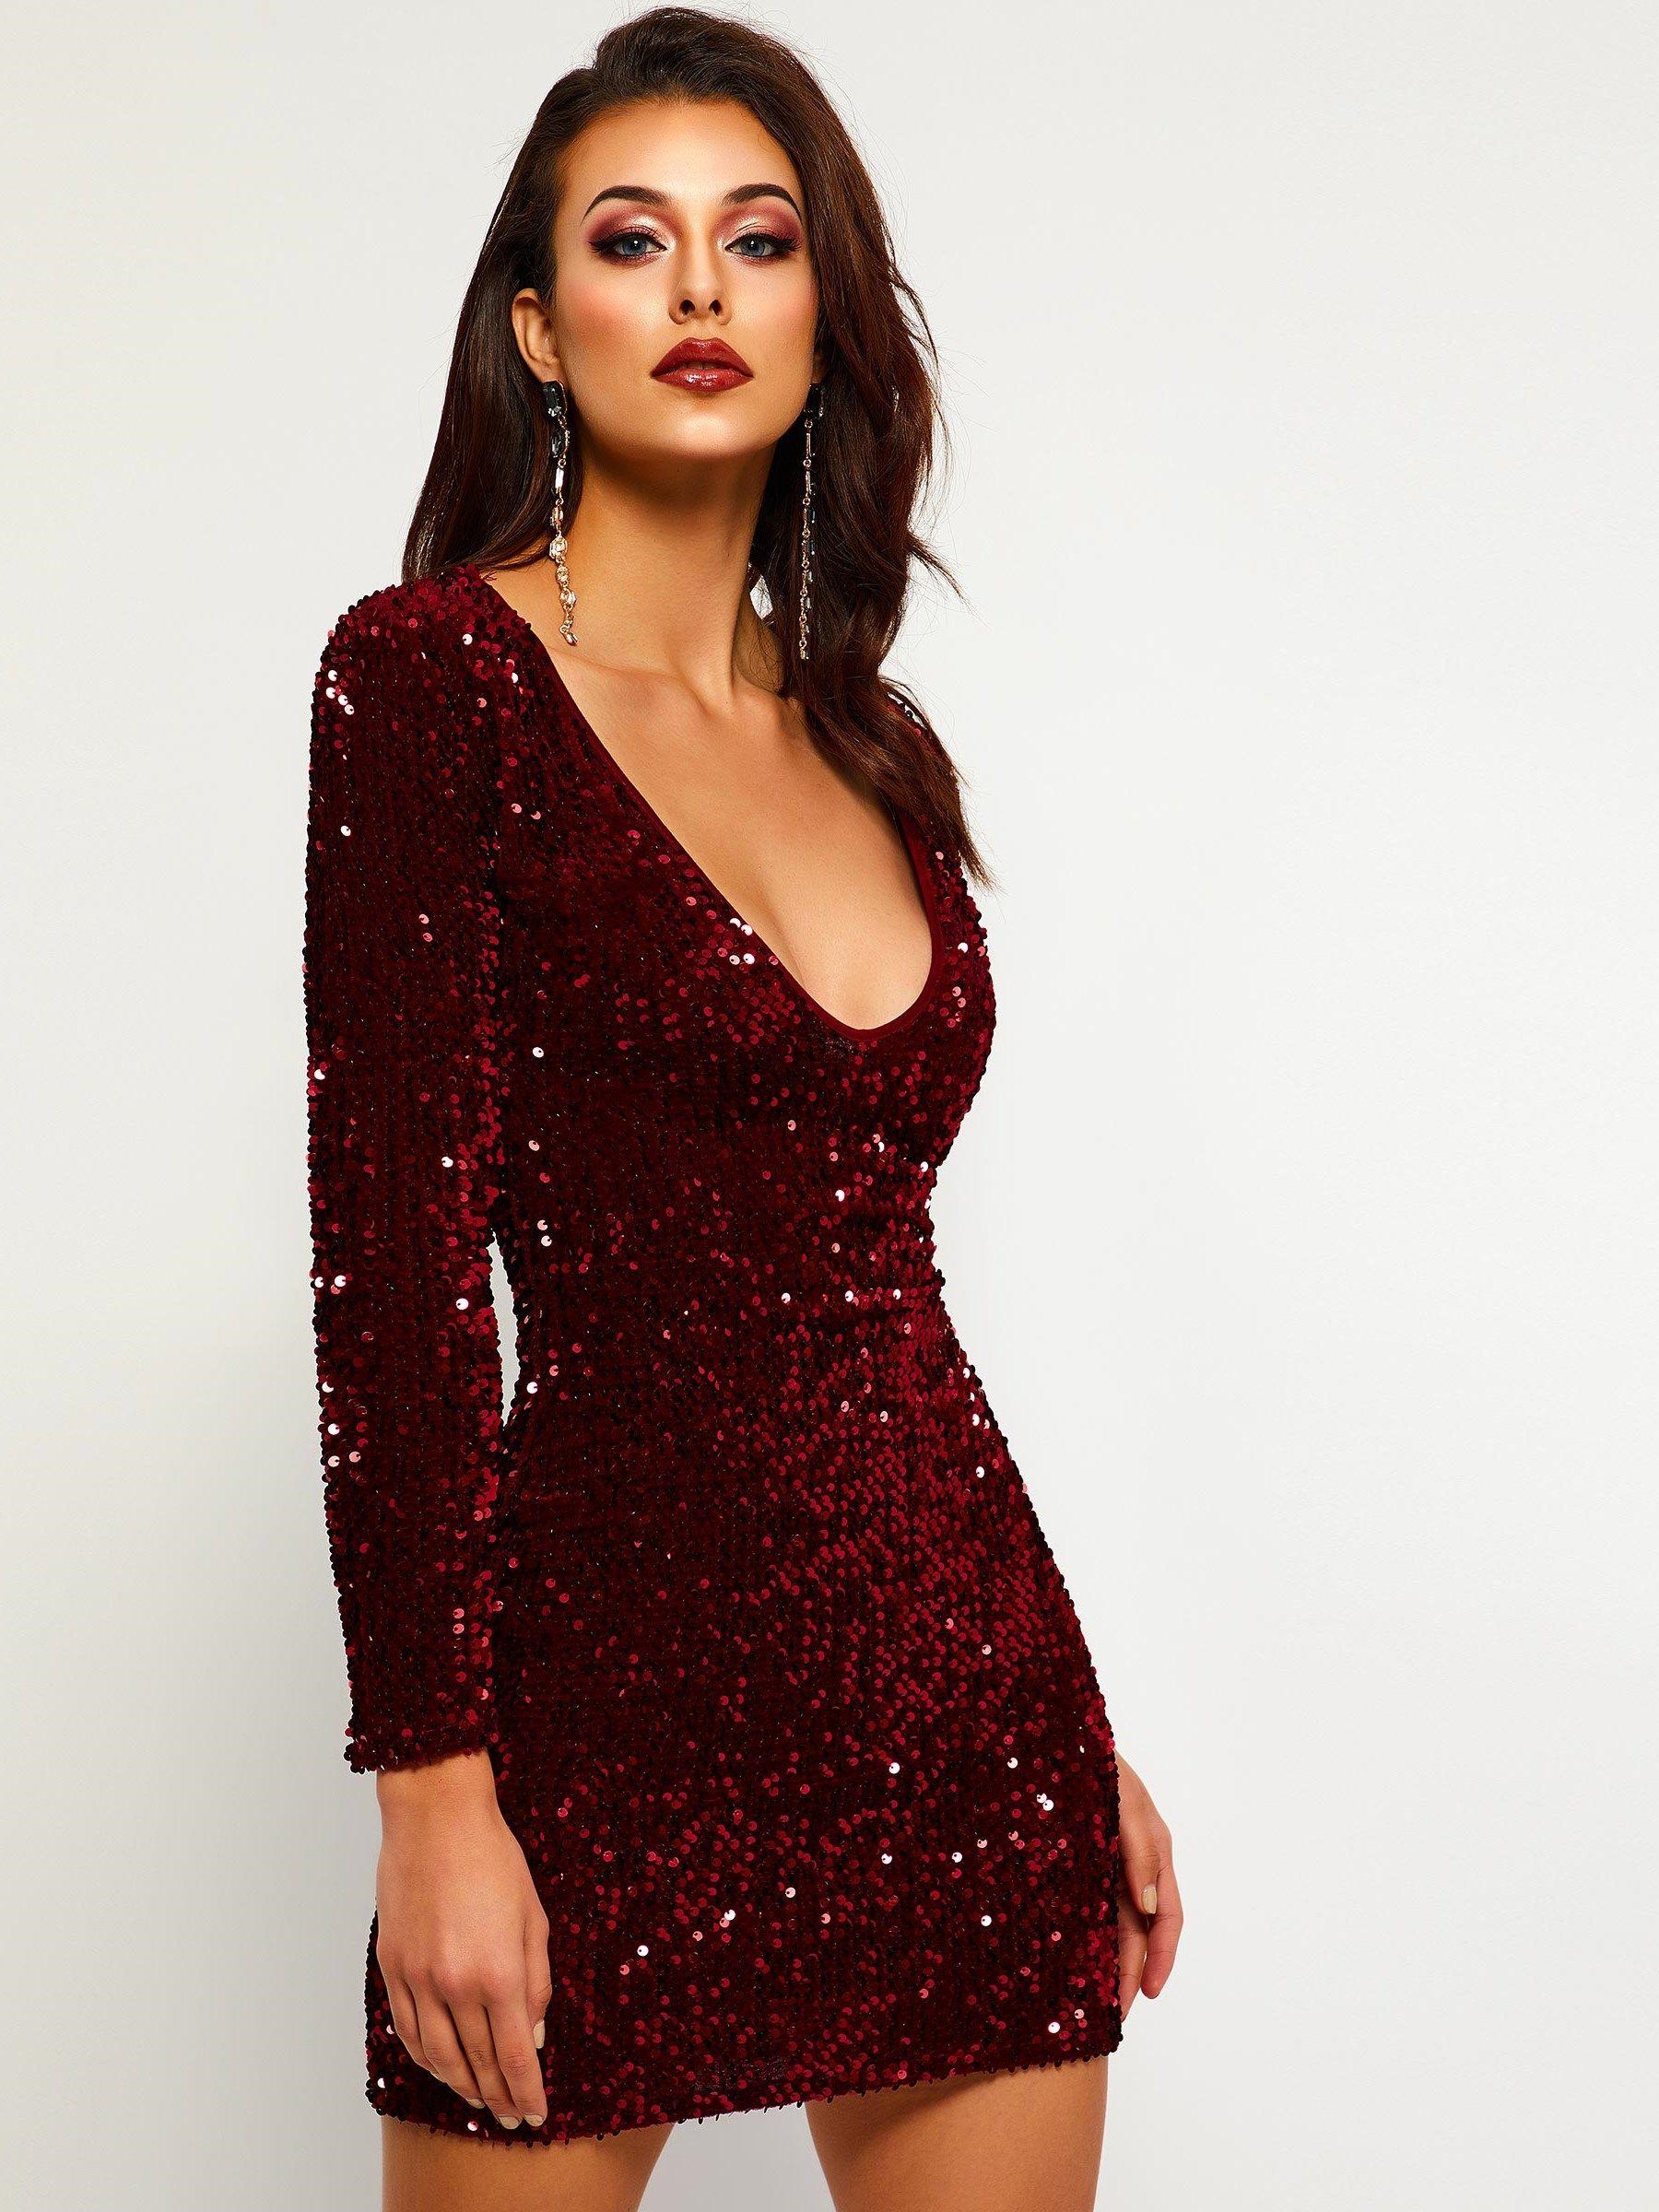 7e76f4c1cd200 Sequins V-Neck Long Sleeve Women's Party Dress | TBdress Dresses in ...